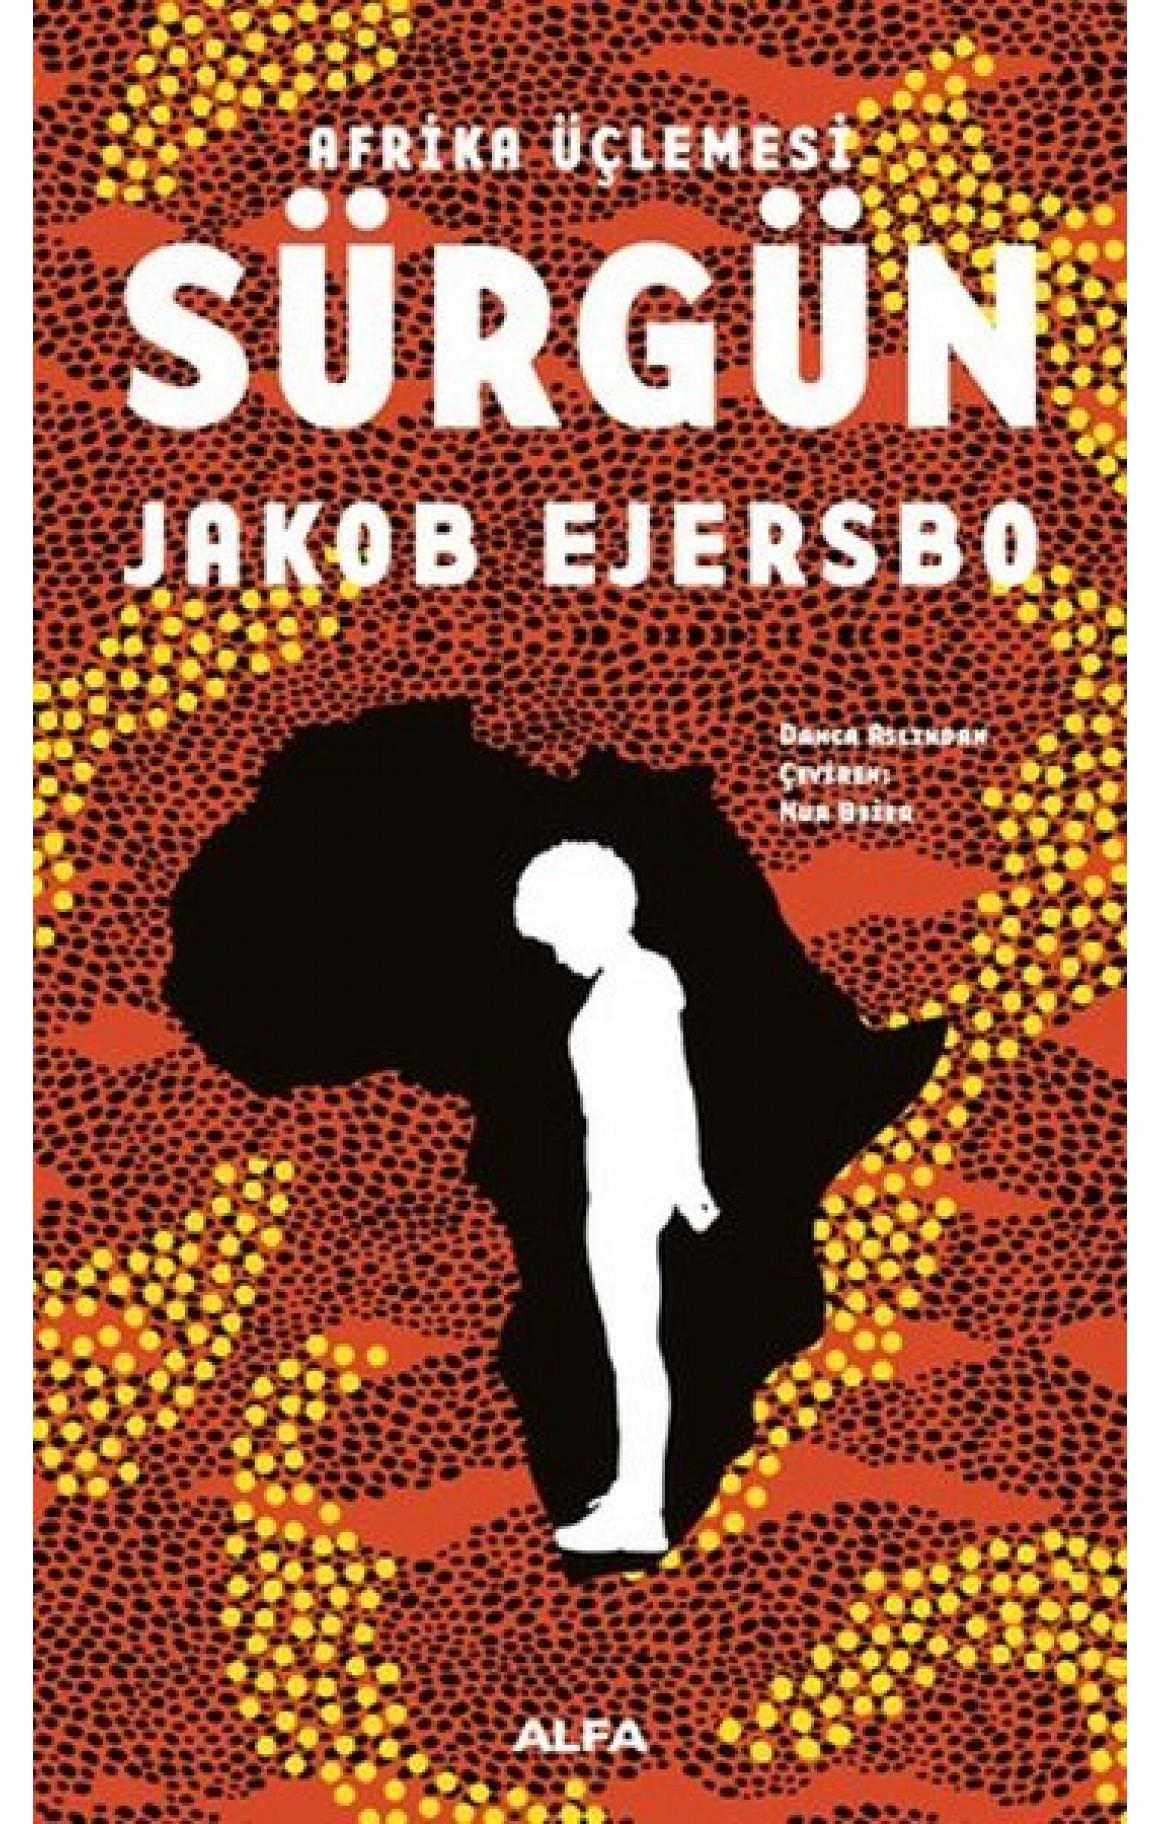 Afrika Üçlemesi 1.Kitap-Sürgün